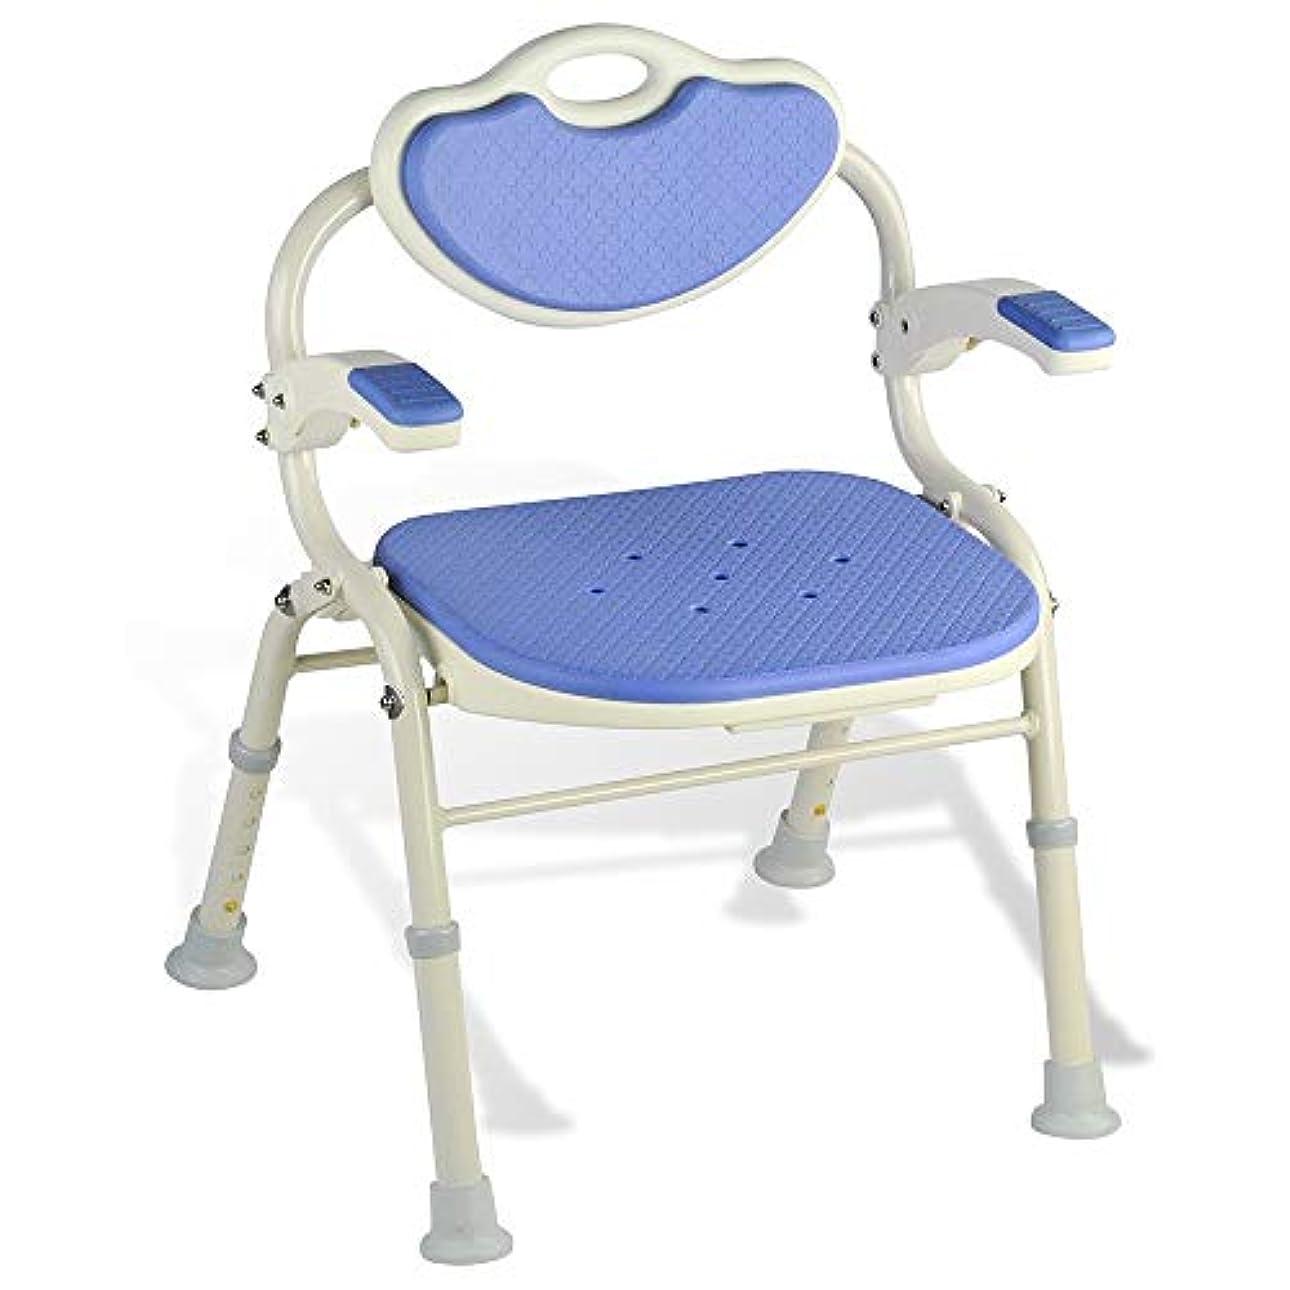 感度独立して現金折り畳み式の入浴椅子、背もたれスツールの高さ回転可能な手すりと滑り止めフットパッドシャワースツール付きの調節可能なバススツール (Color : 青)